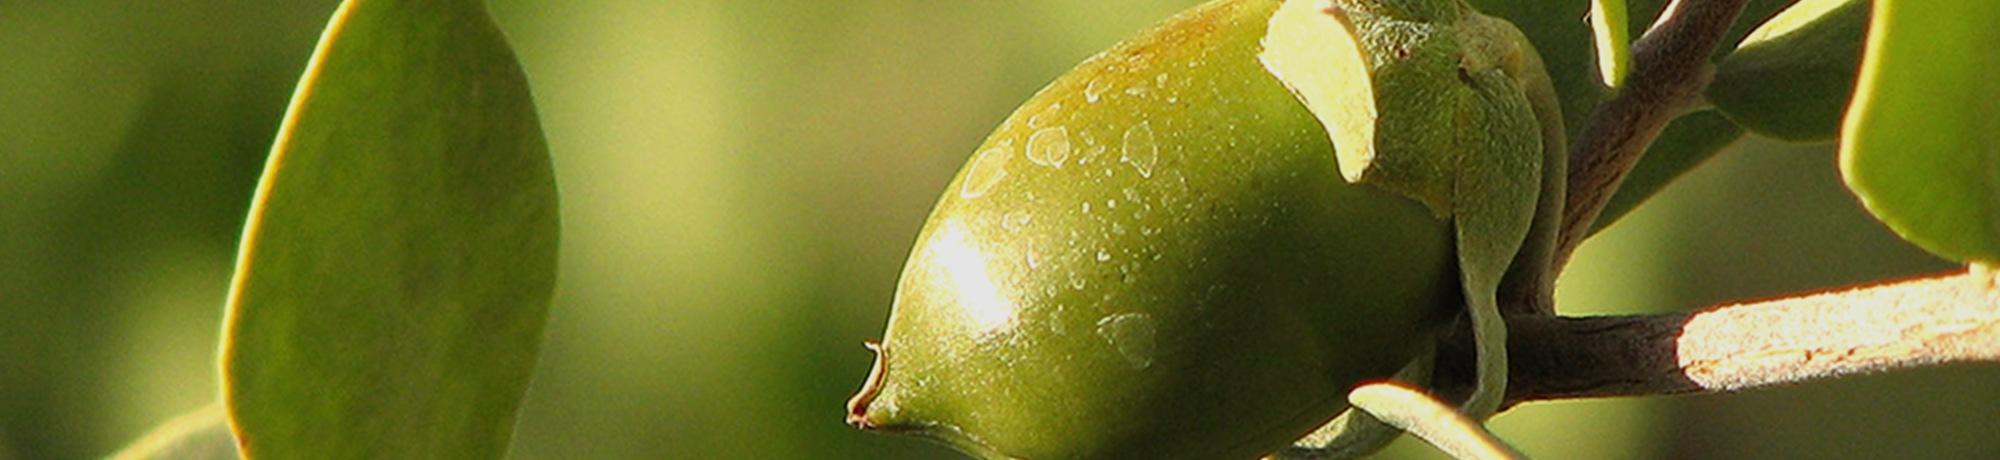 年齢肌用化粧水のことなら | 4.ホホバ種子油